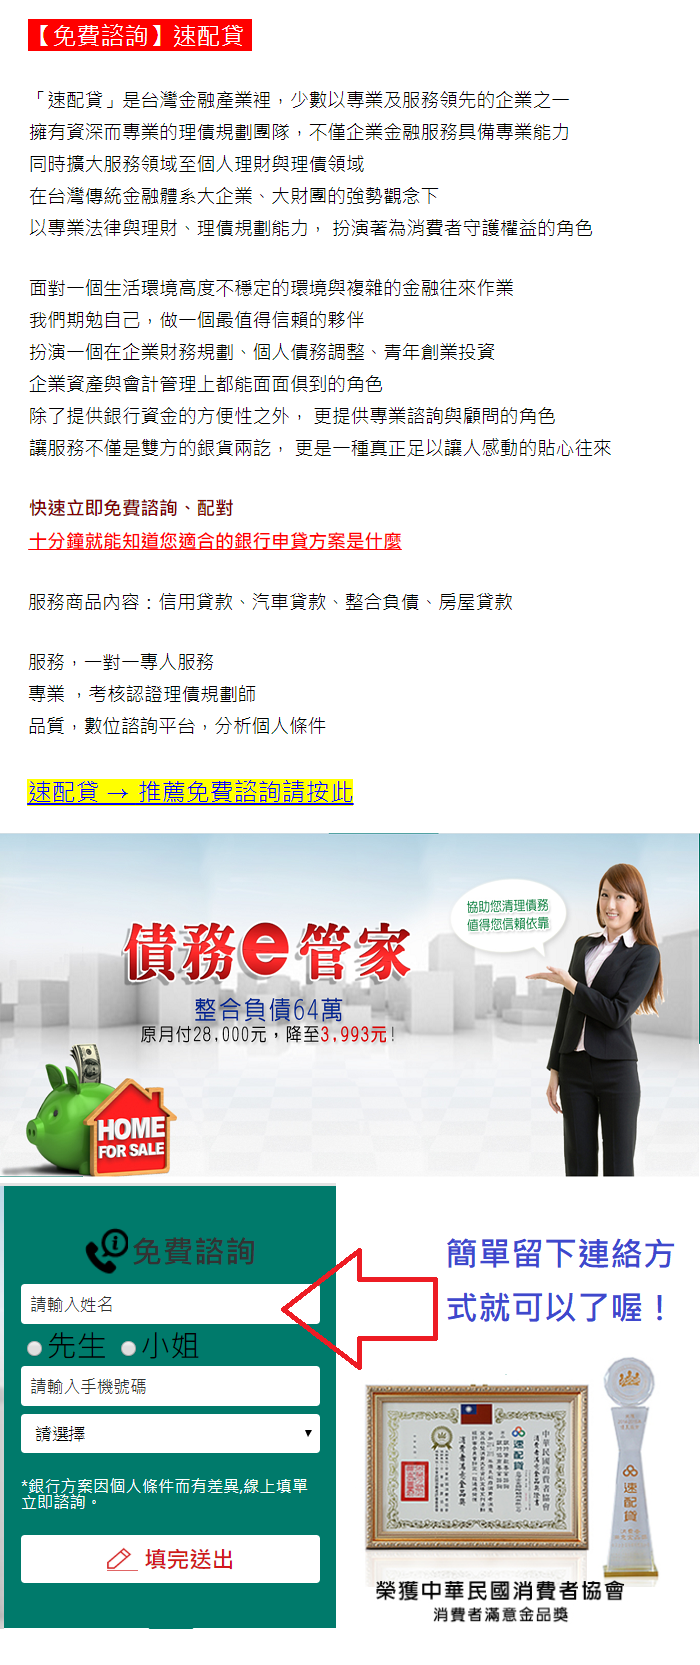 房貸轉貸條件方法